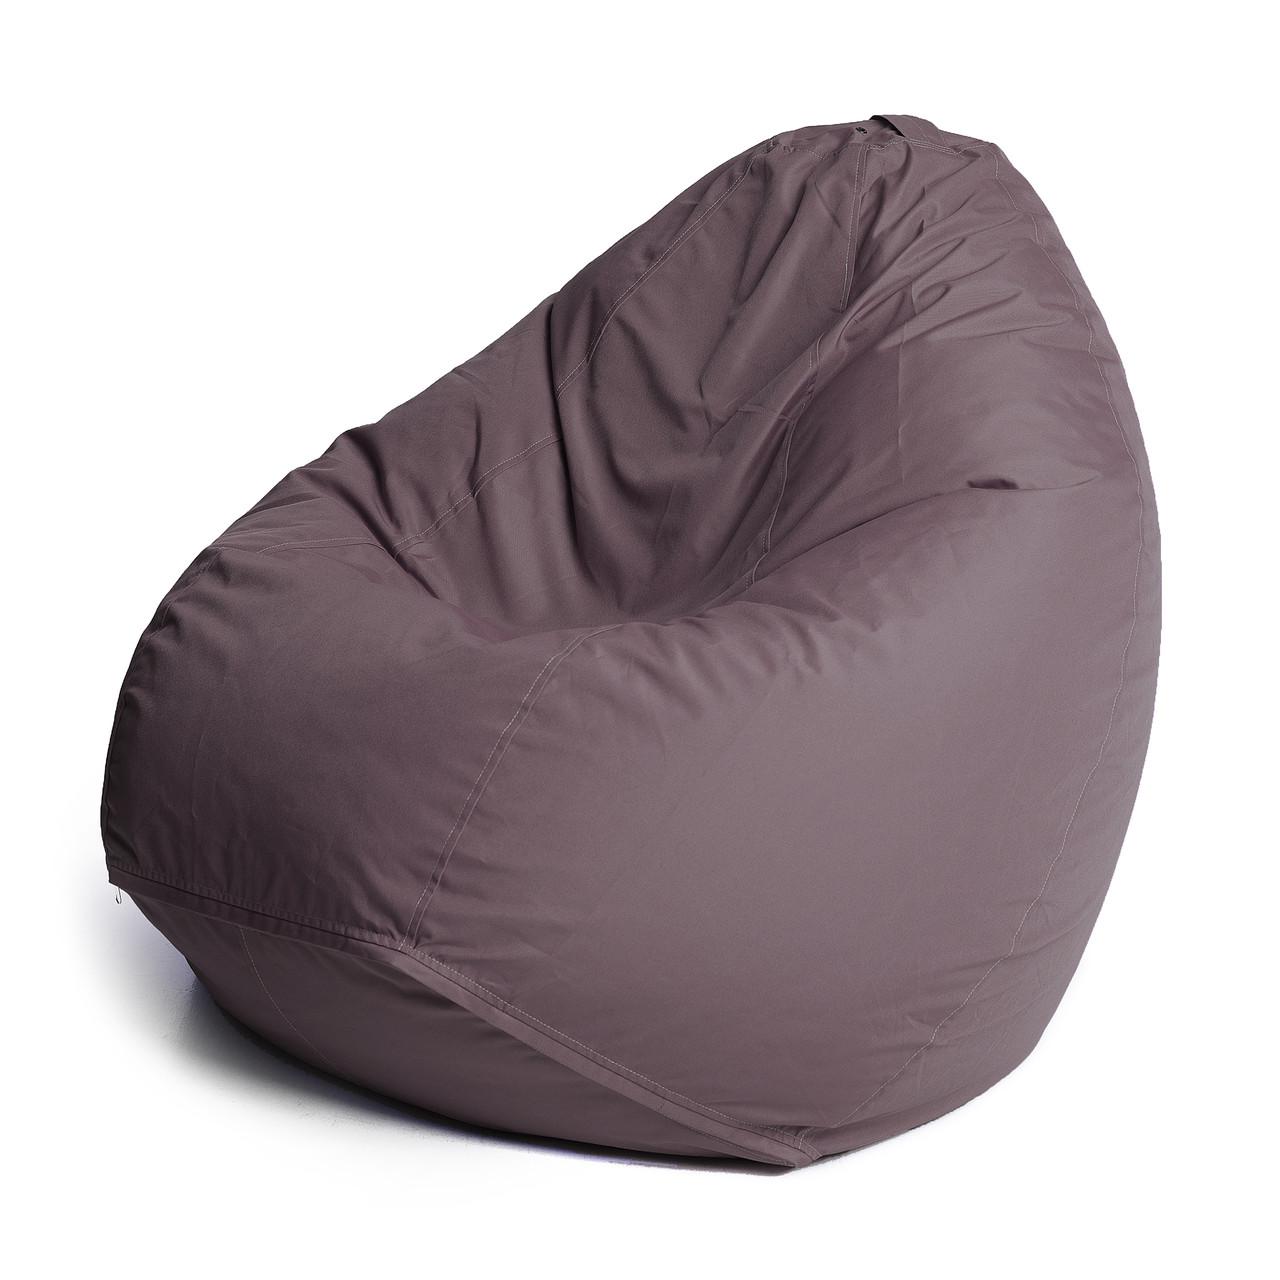 Кресло мешок груша с внутренним чехлом | Ткань Oxford L (Высота 90 см, ширина 60 см), Коричневый